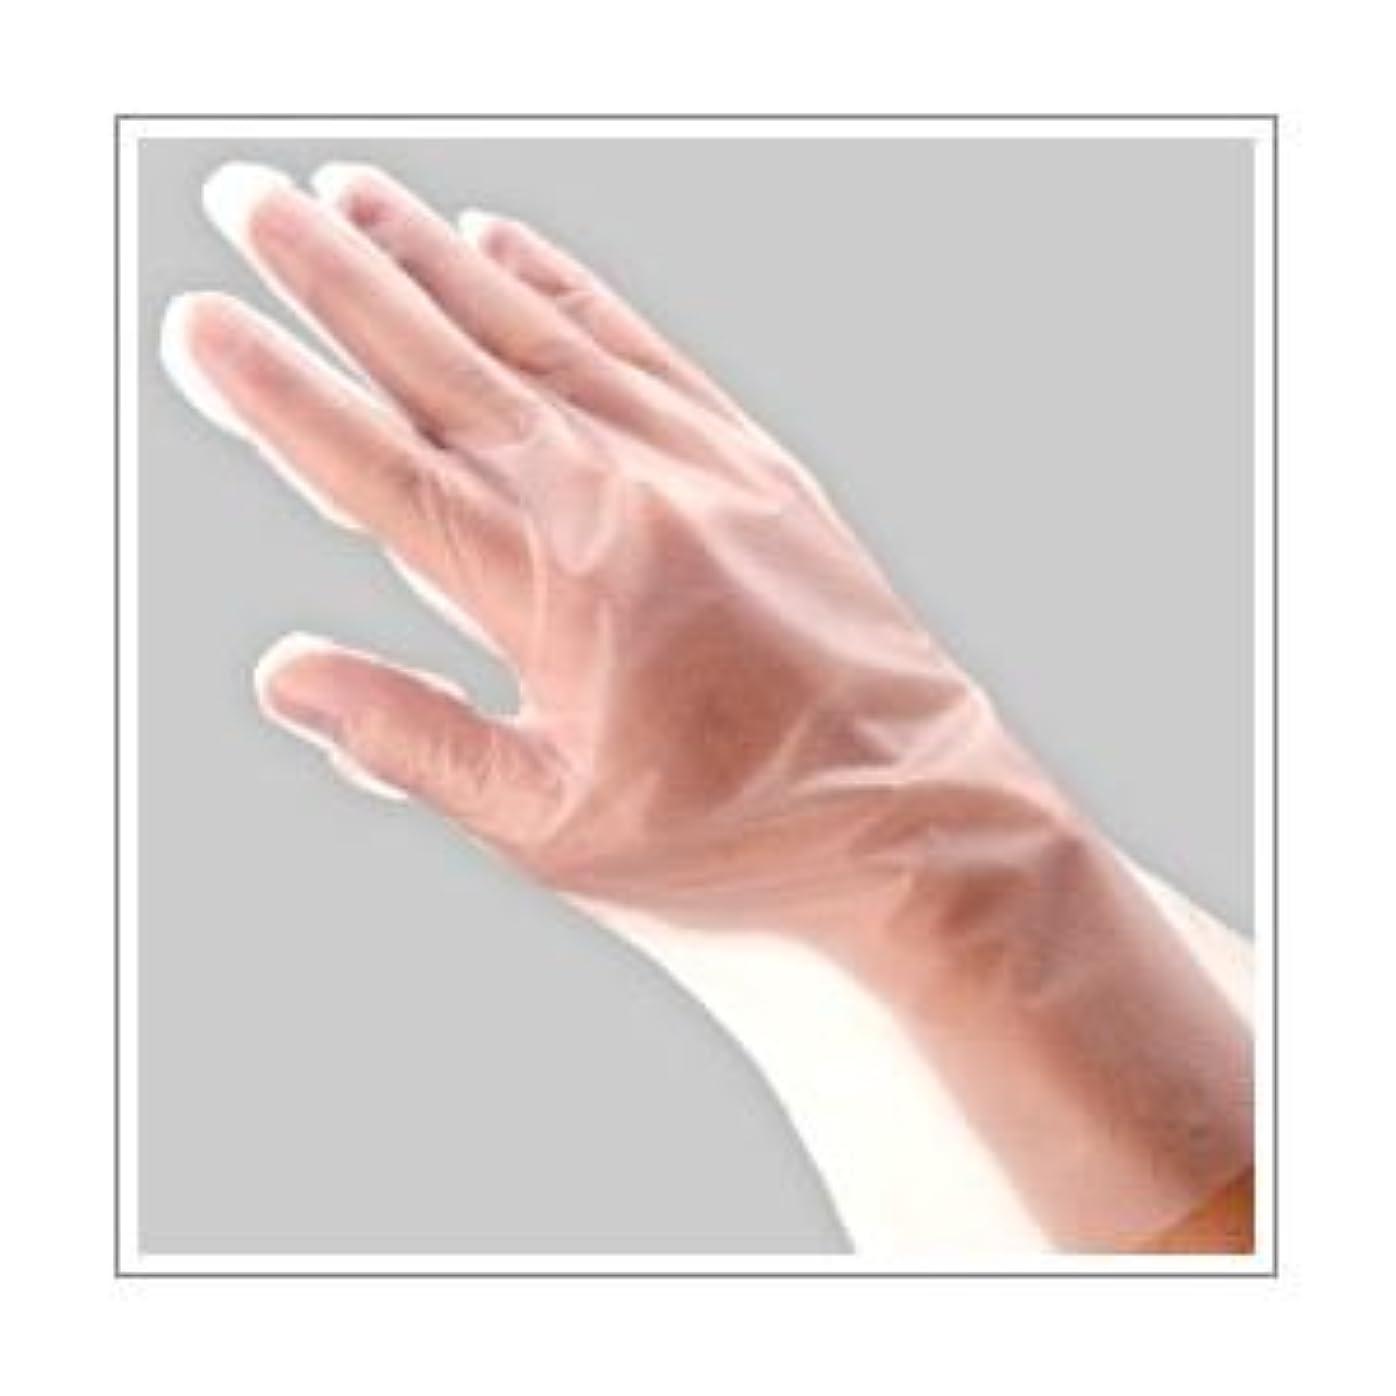 マウントバンクマント落胆する(業務用セット) 福助工業 ポリ手袋 指フィット 100枚パック L 【×10セット】